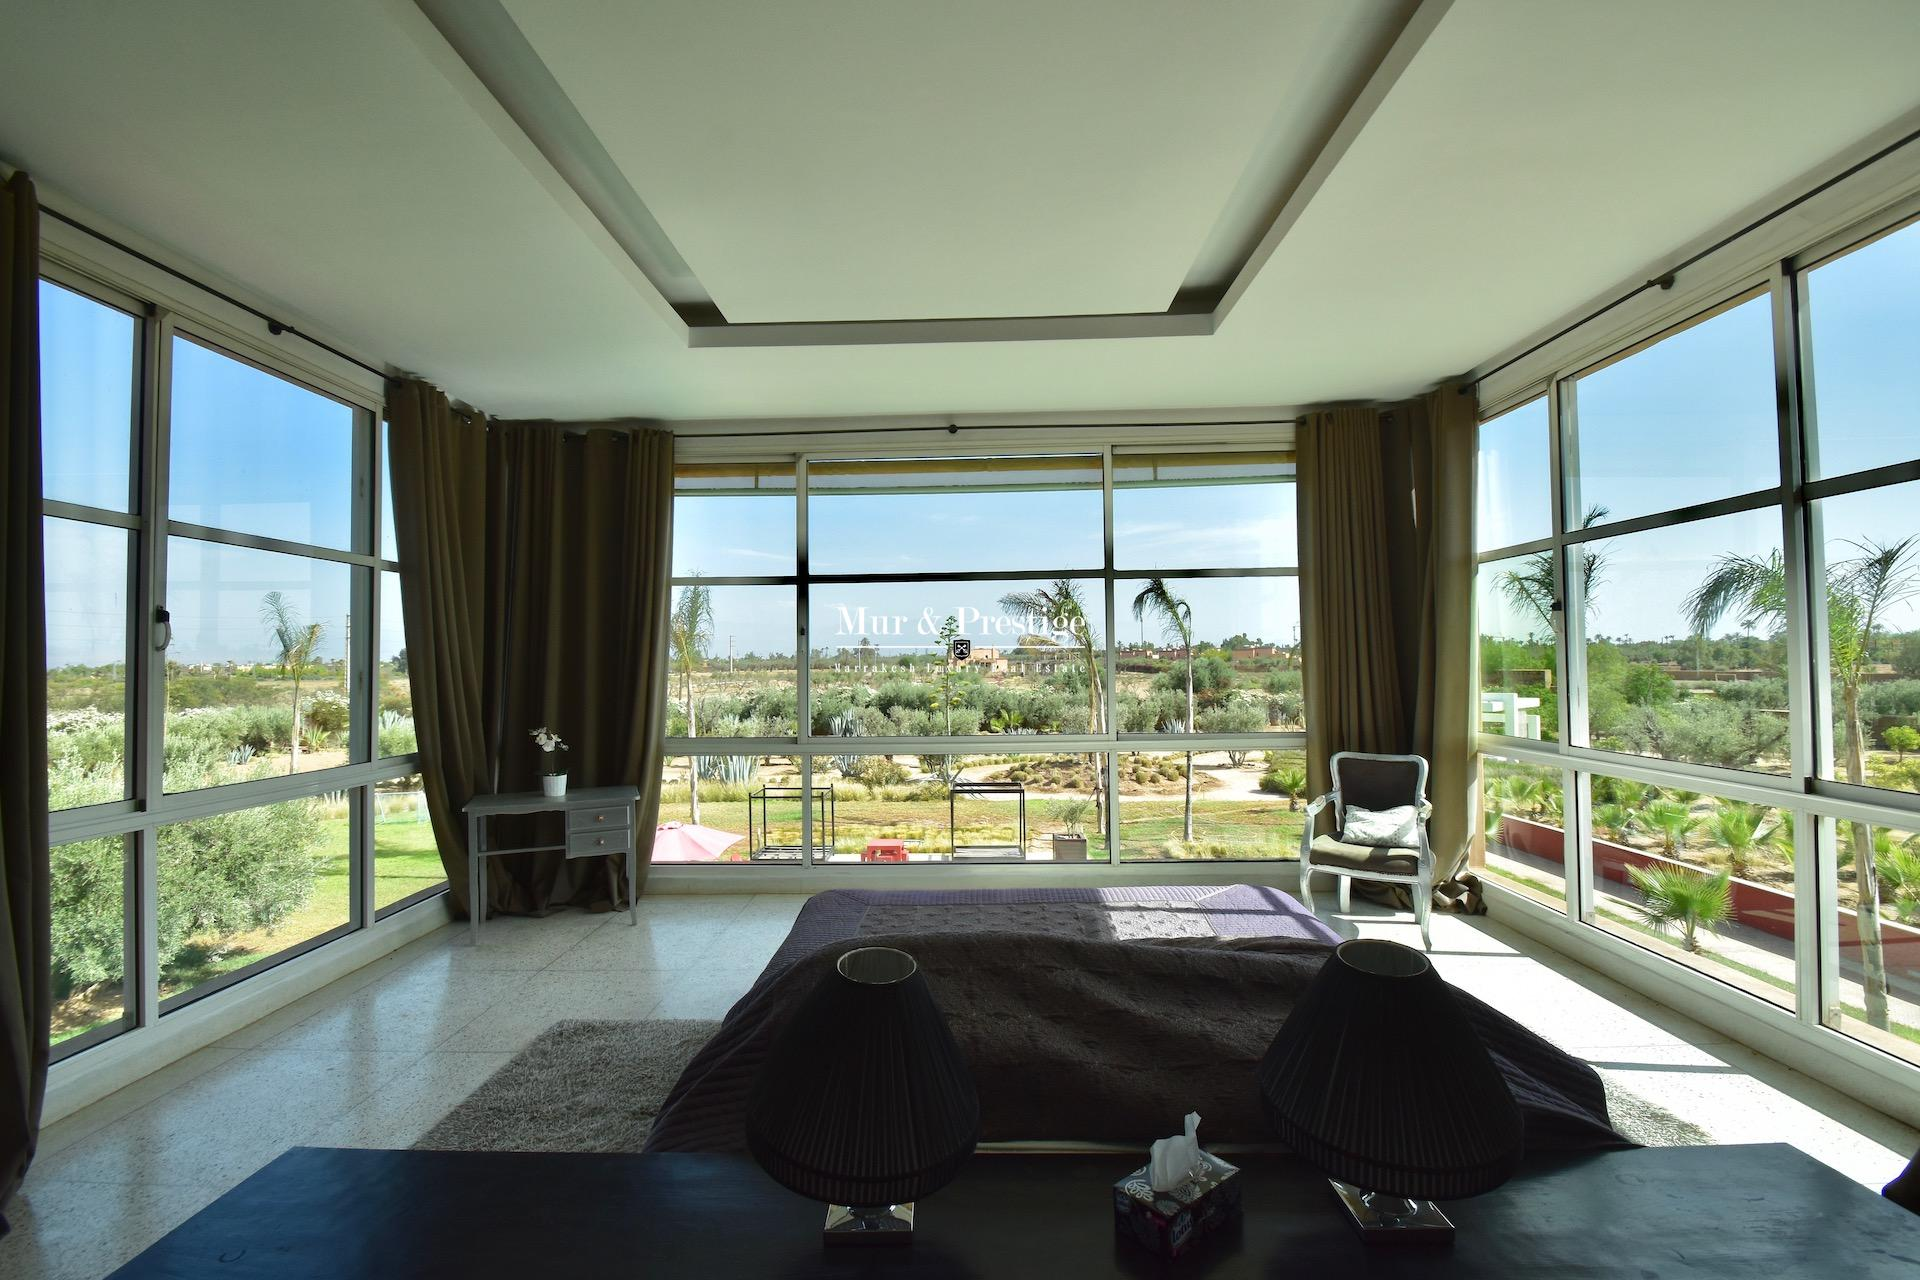 Maison à vendre à Marrakech idéale pour maison d'hôtes